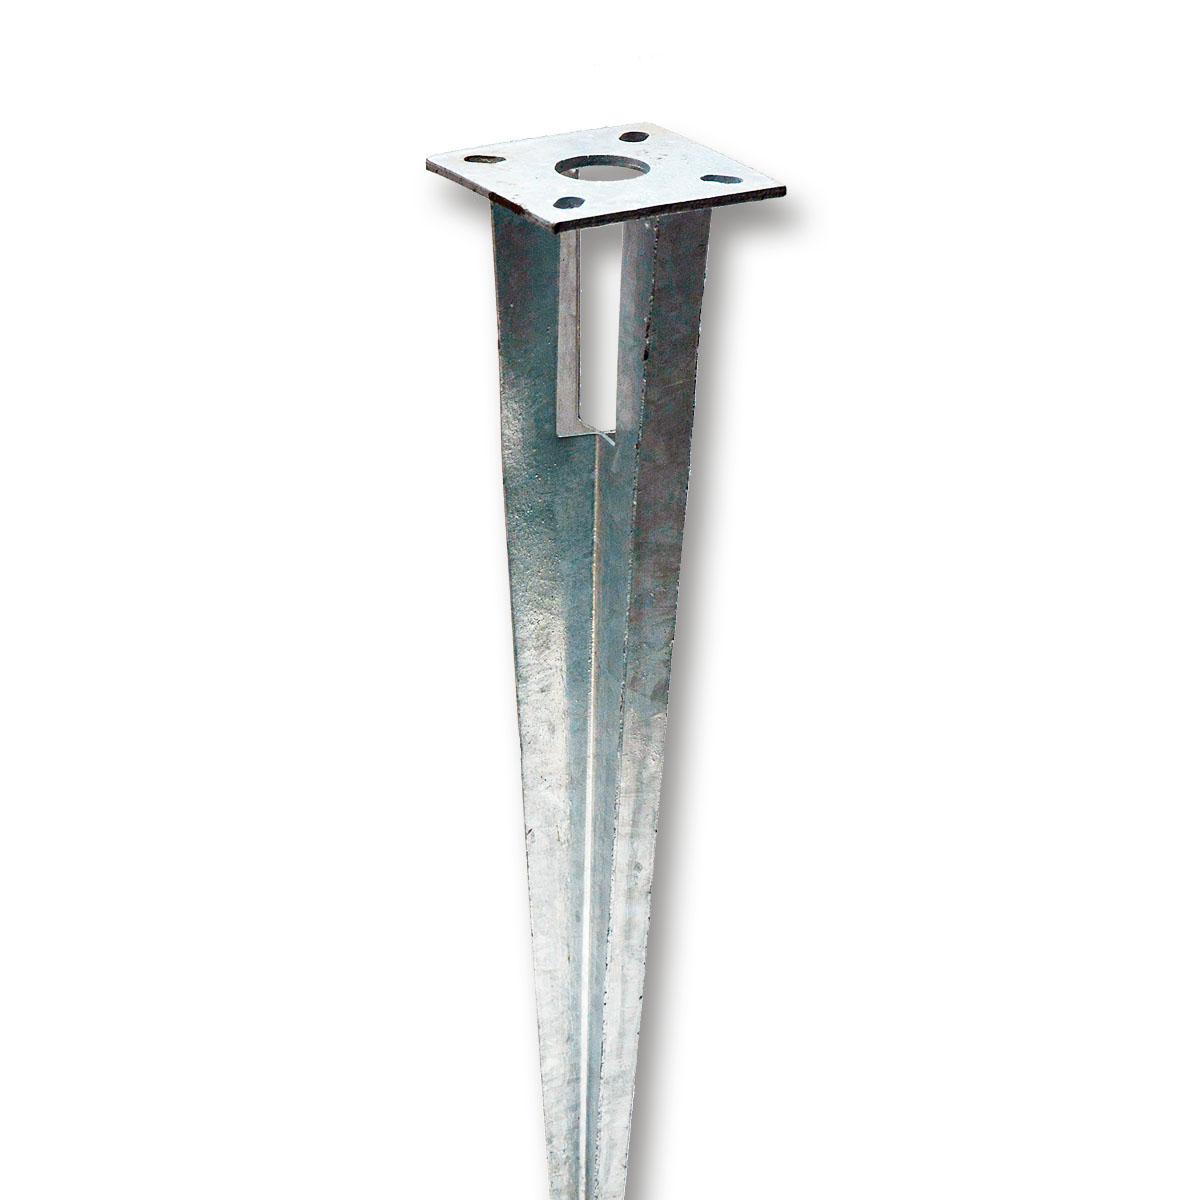 Bodenhülse Einschlaghülse 34 mm Pfostenträger Kopfplatte Strebe Maschendrahtzaun